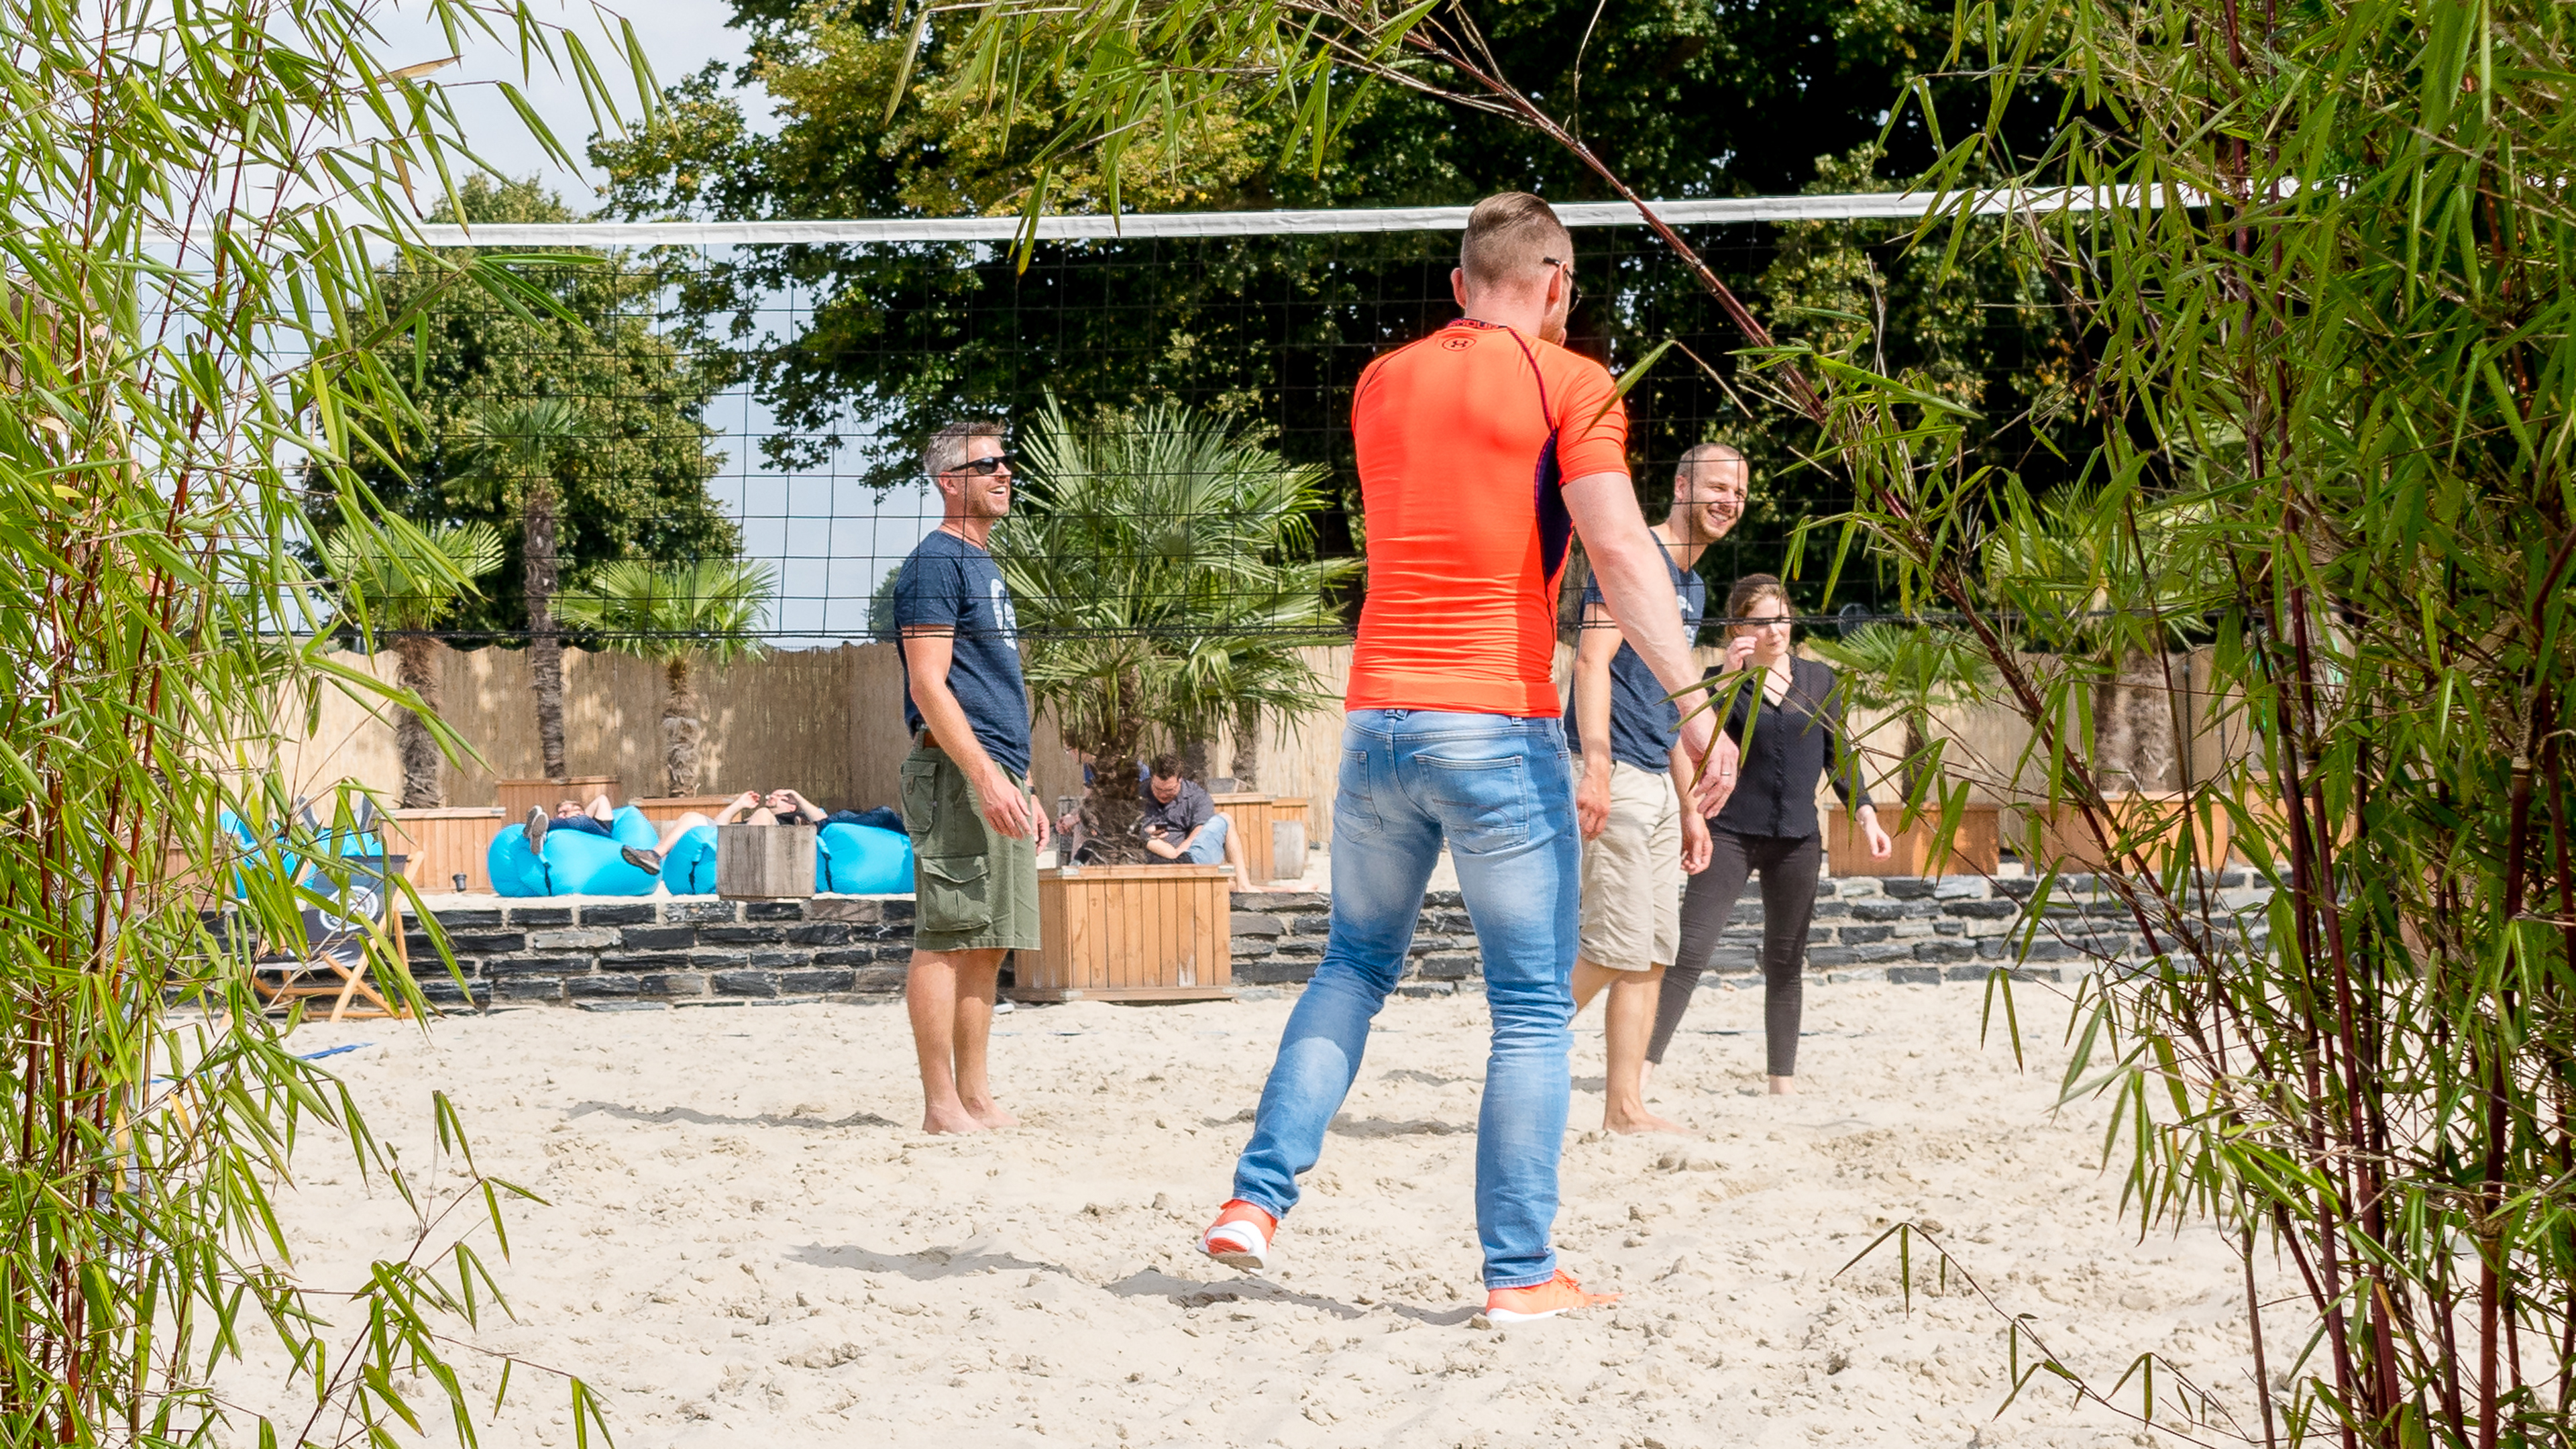 Interview mit Shopware_Mitarbeiter beim Volleyball spielen